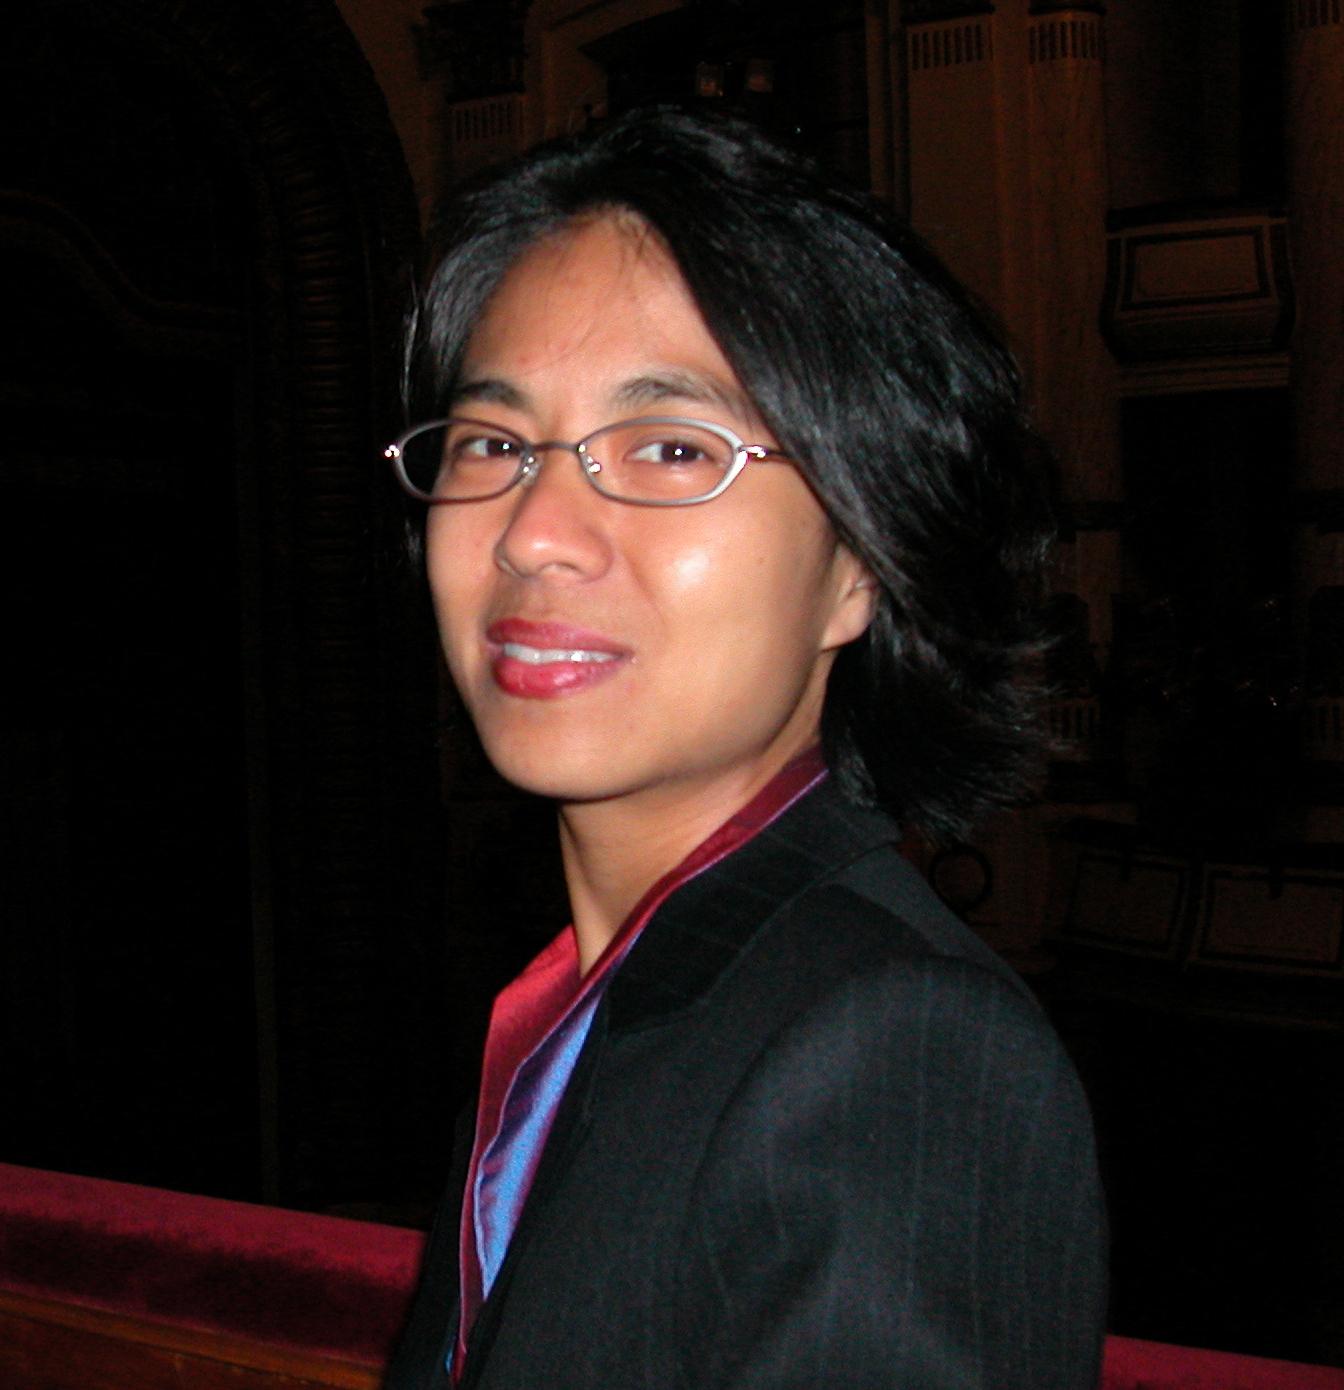 Lana Lin Headshot